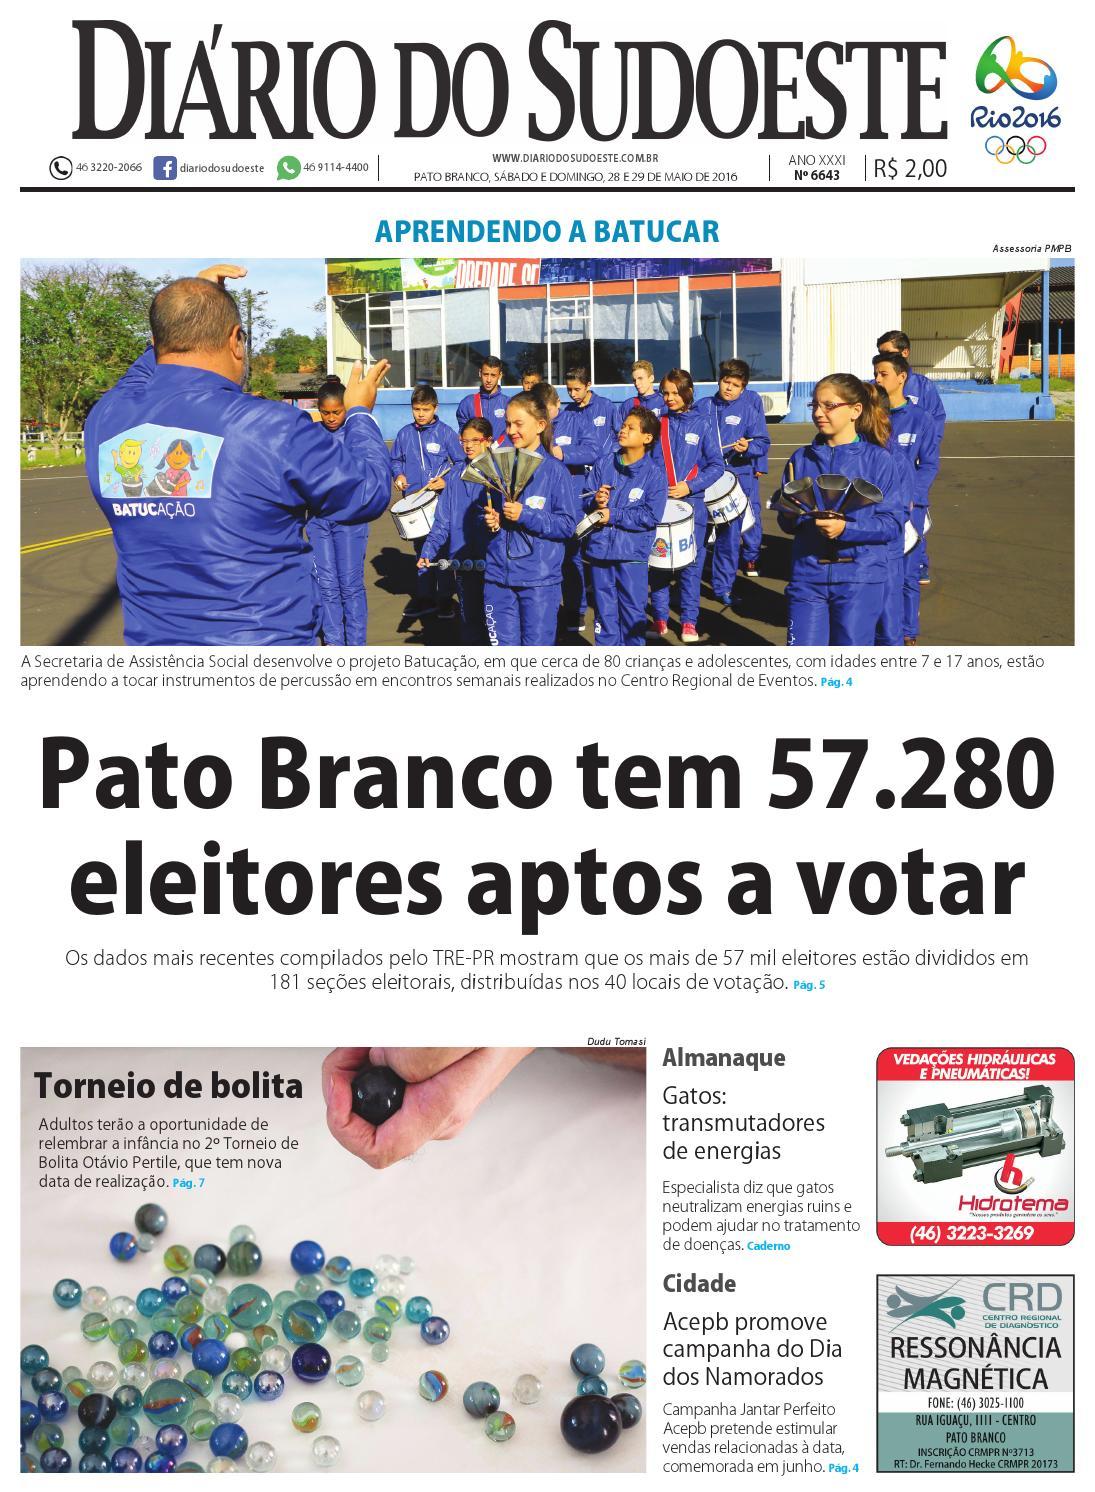 7bd552c3b7 Diário do sudoeste 28 e 29 de maio de 2016 ed 6643 by Diário do Sudoeste -  issuu